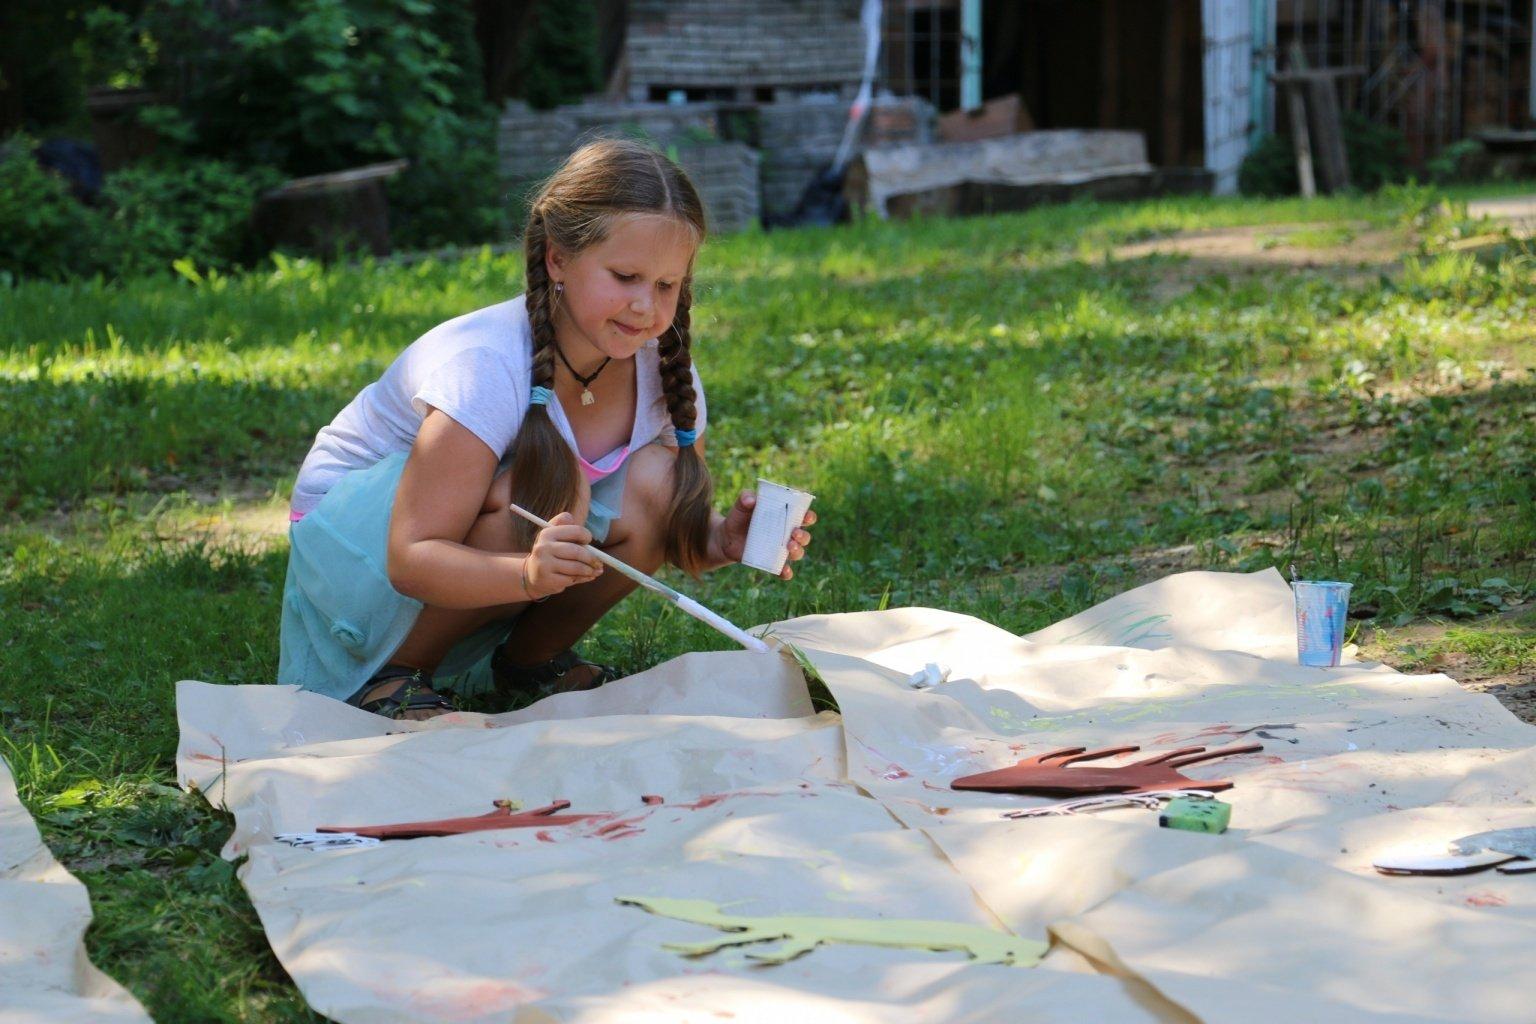 Vaikų stovyklos karantininę vasarą: kokio užimtumo atžaloms gali tikėtis alytiškiai?